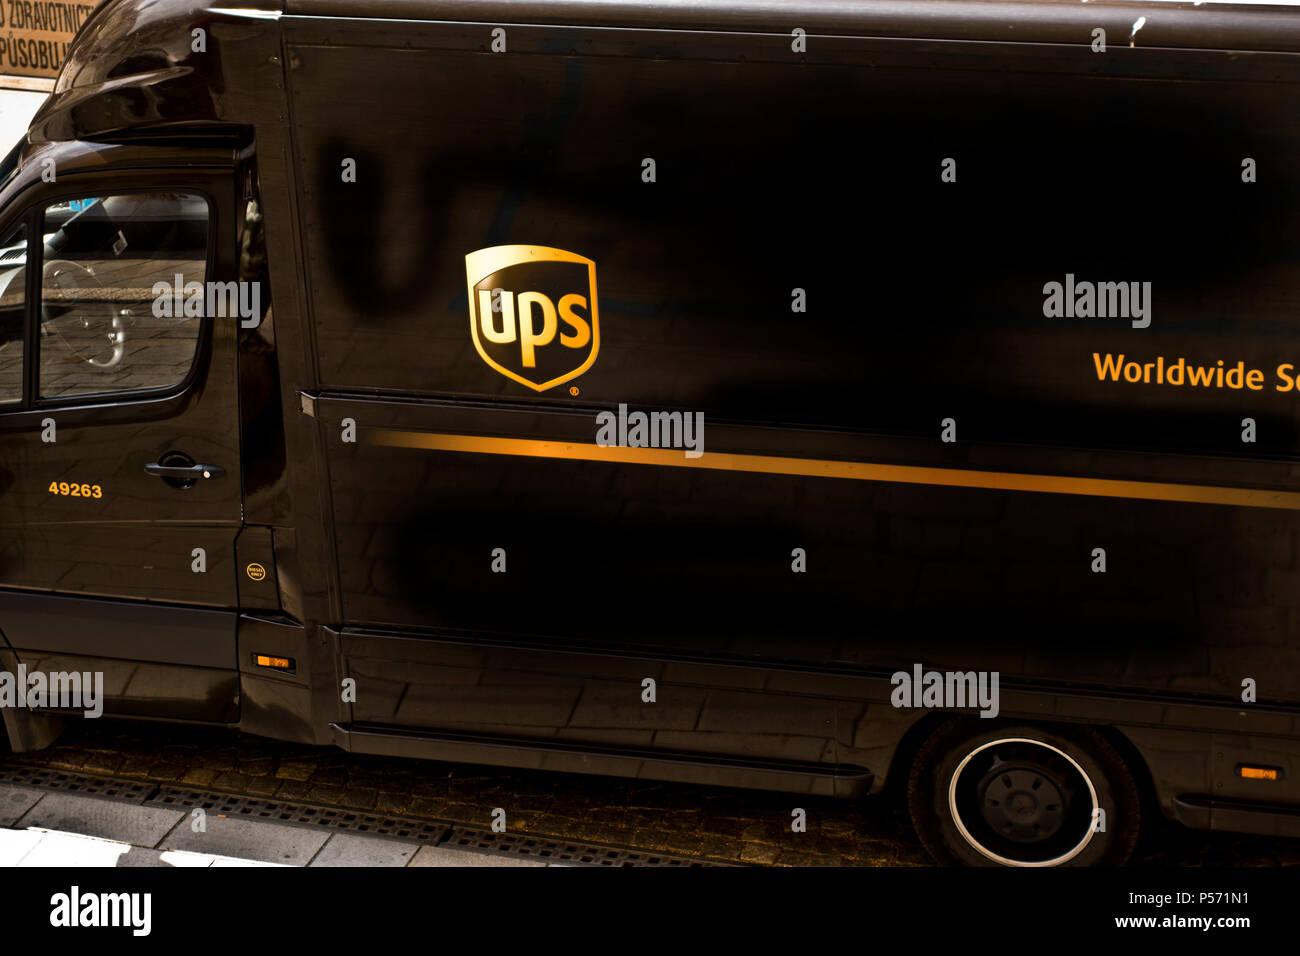 UPS, United Parcel Service carrello parcheggiato in strada di Praga Immagini Stock